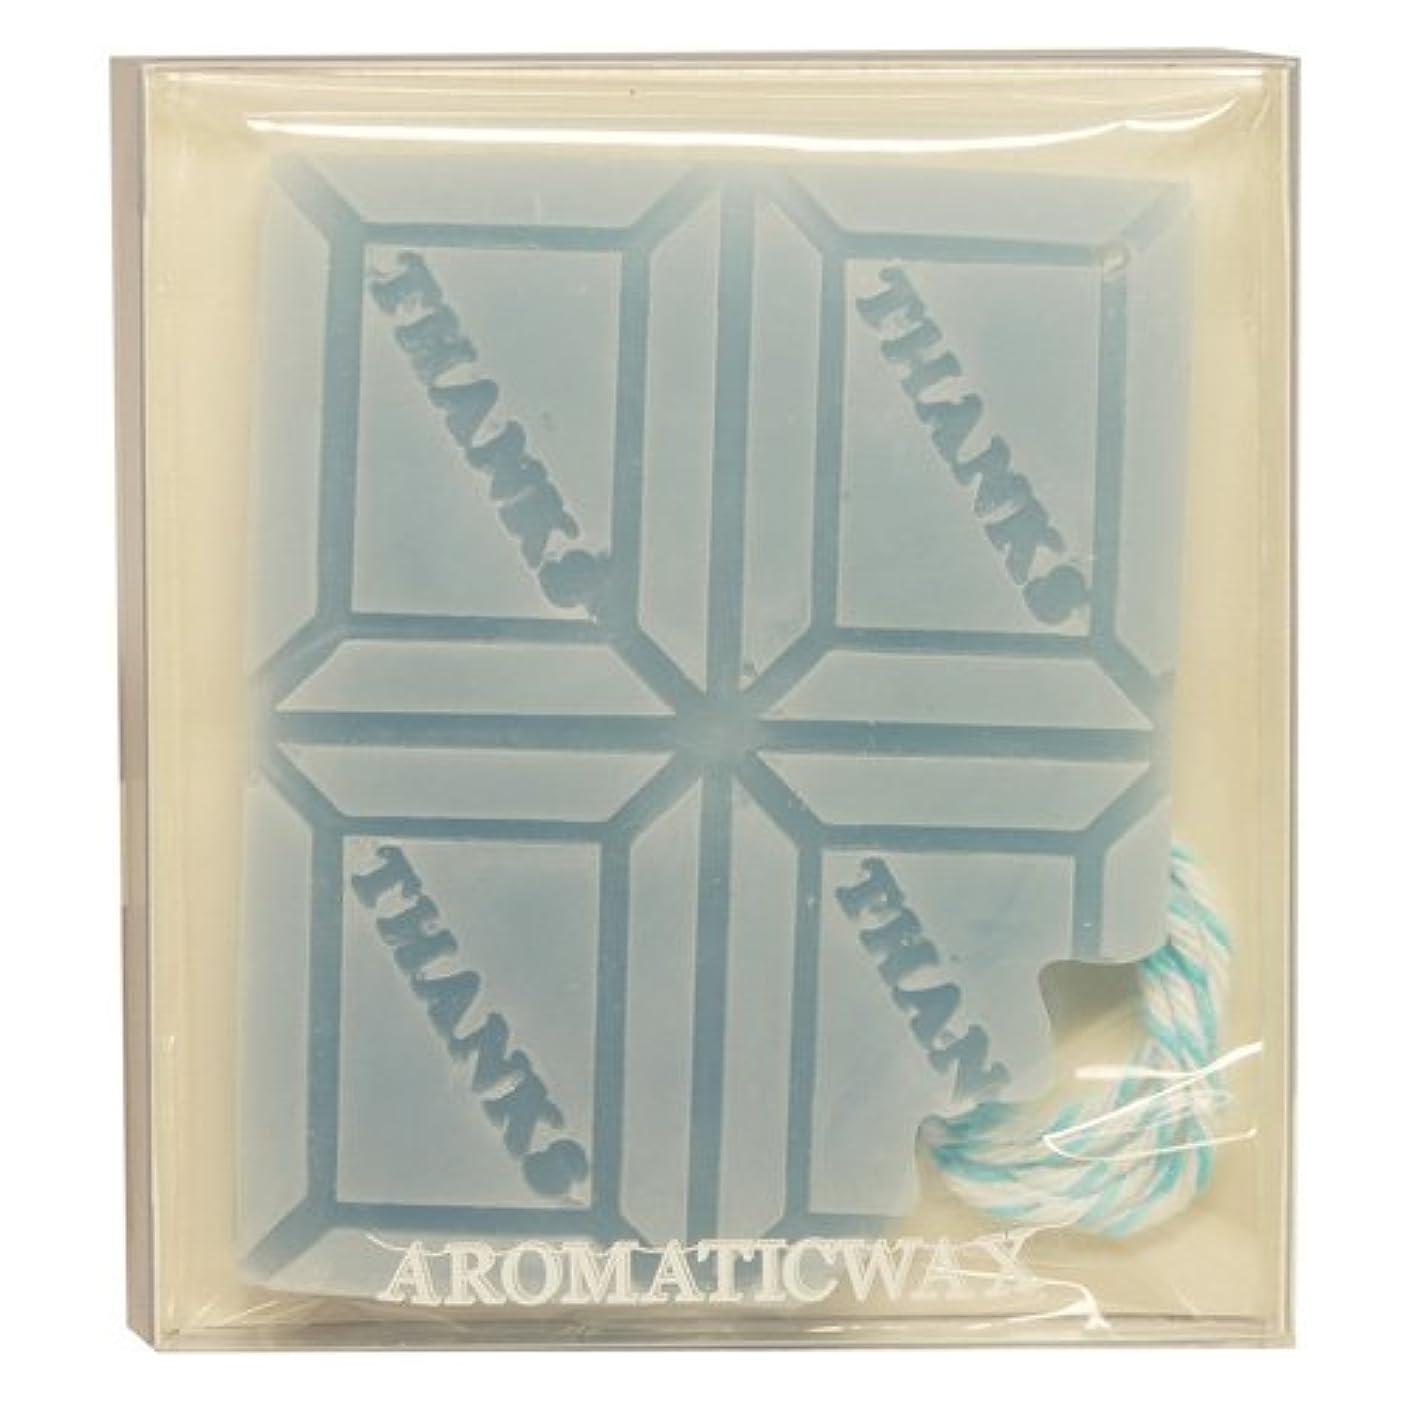 振動させる平衡バケットGRASSE TOKYO AROMATICWAXチャーム「板チョコ(THANKS)」(BL) ローズマリー アロマティックワックス グラーストウキョウ